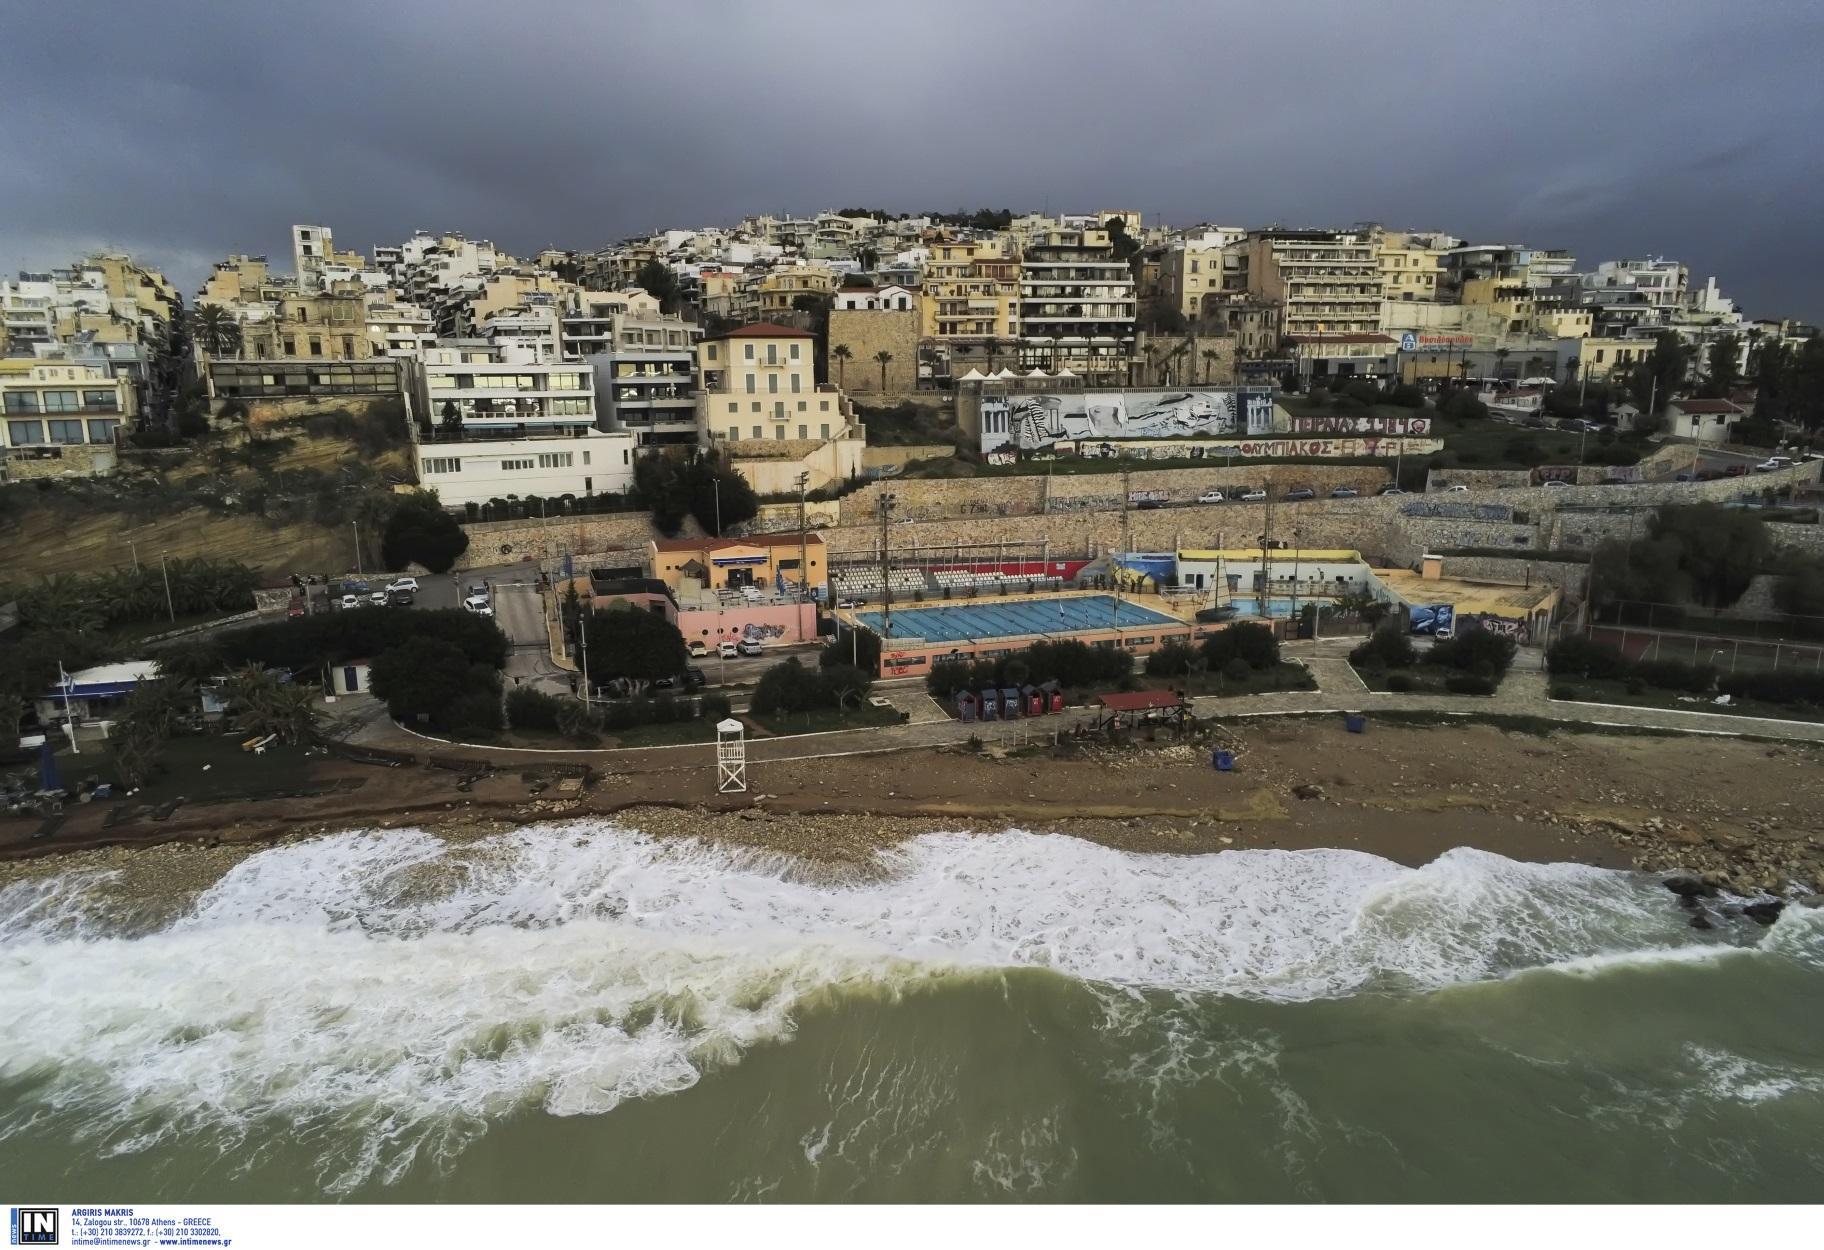 Καιρός σήμερα: Υψηλές θερμοκρασίες και πολλά μποφόρ στο Αιγαίο